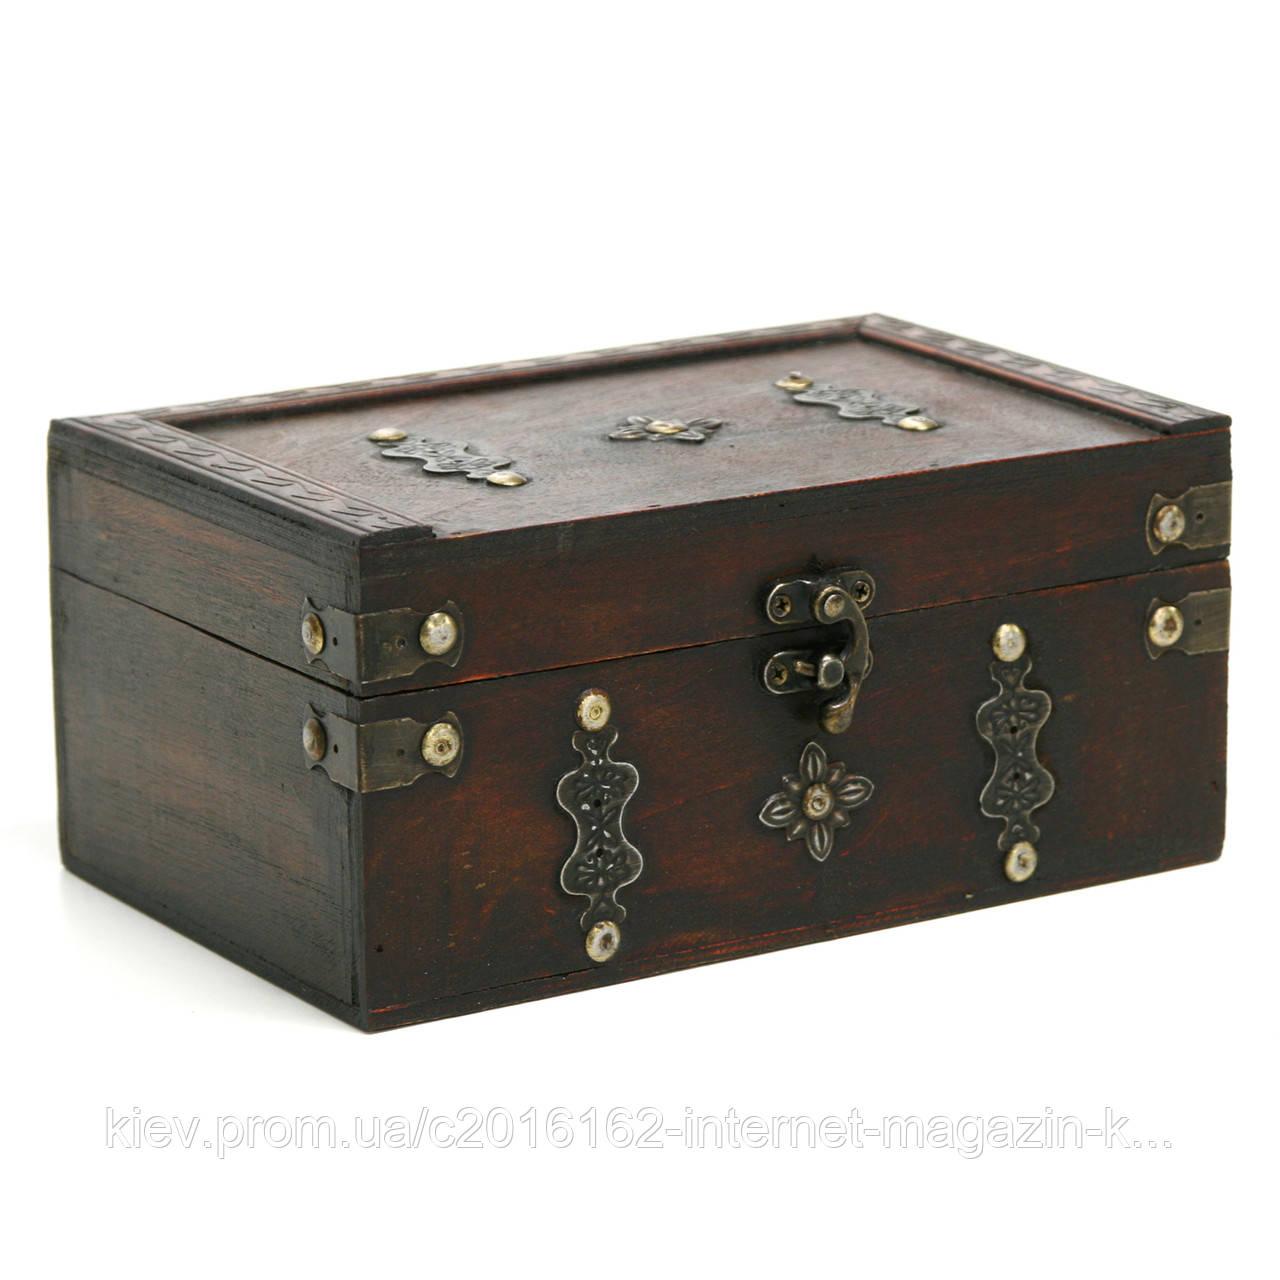 Сундук-шкатулка Home4You BAO-1  22x14x10cm  brown  wood